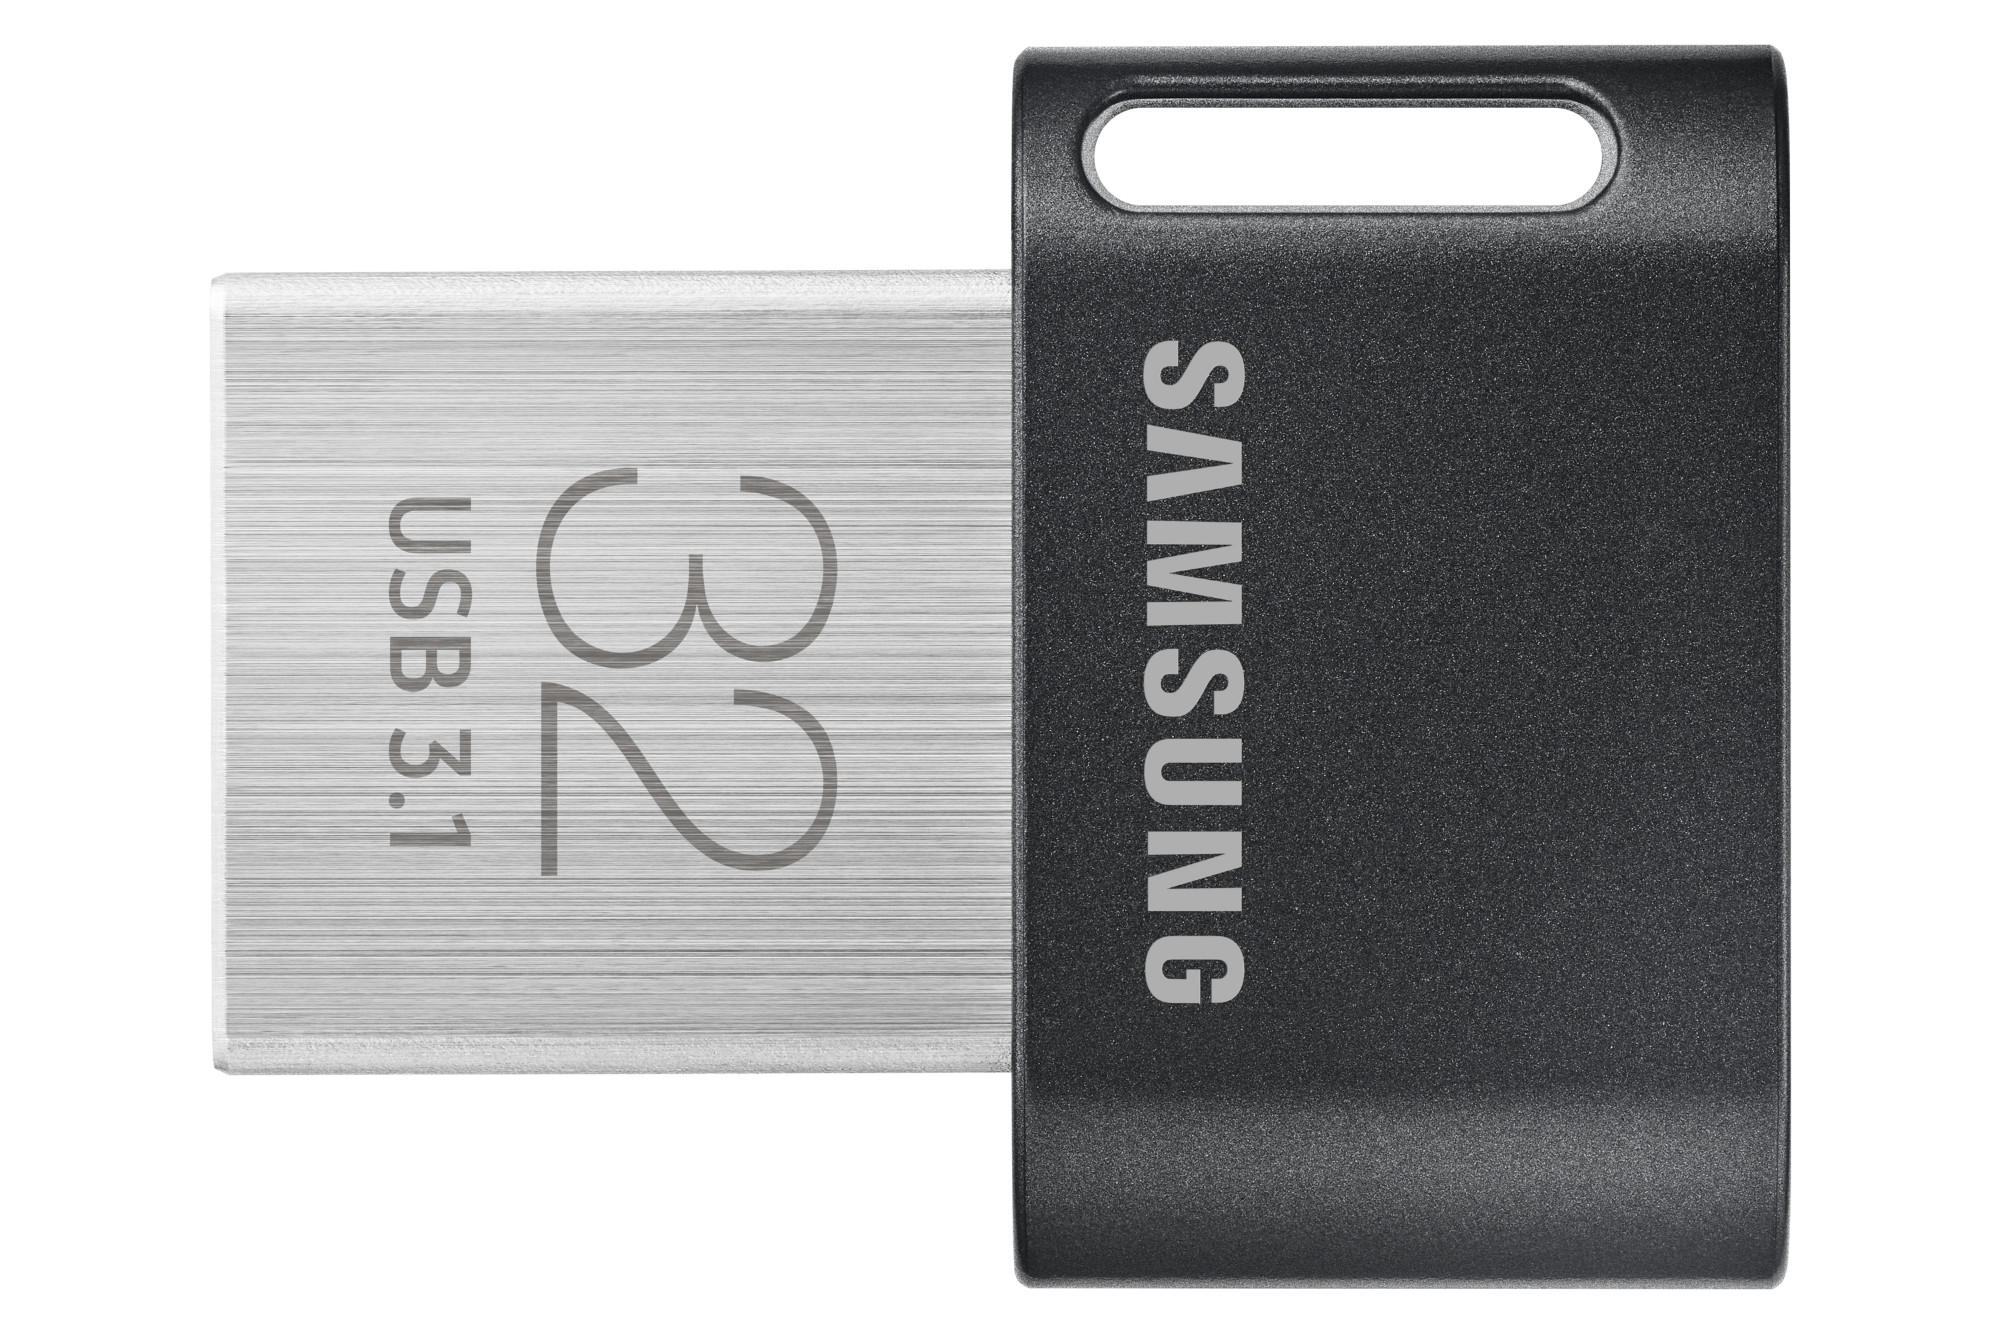 Samsung MUF-32AB unidad flash USB 32 GB USB tipo A 3.2 Gen 1 (3.1 Gen 1) Gris, Plata